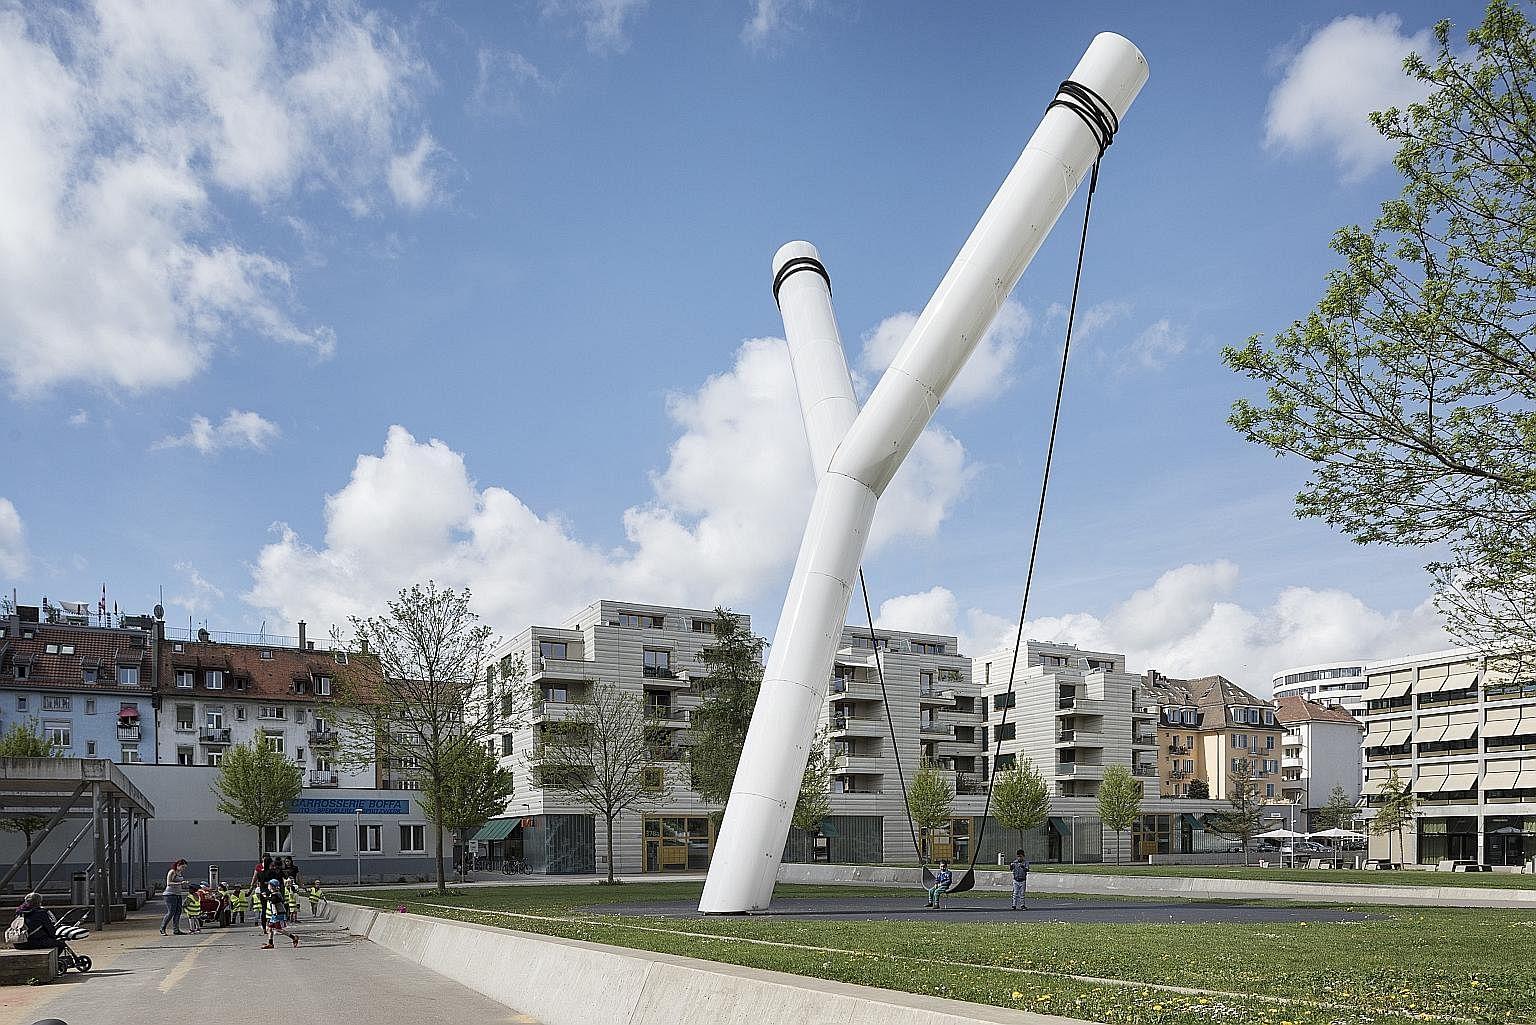 Y (above), The Five Pillars & La Boule D'or Centenaire Public Art, Zurich, Switzerland